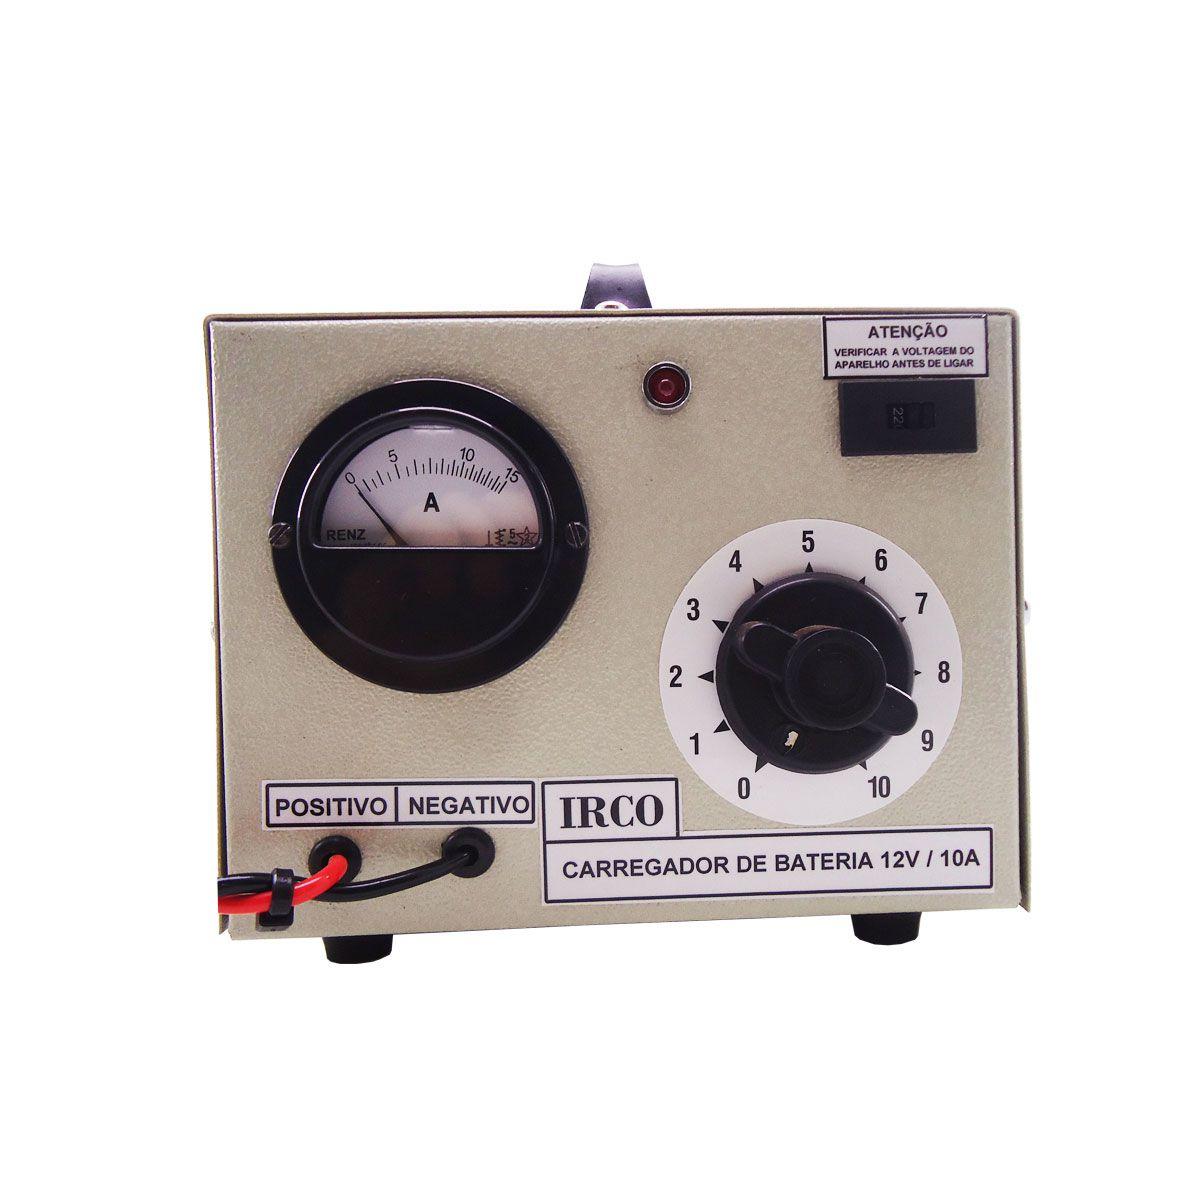 Carregador de Bateria 12V / 10A Irco com Chave 110/220V